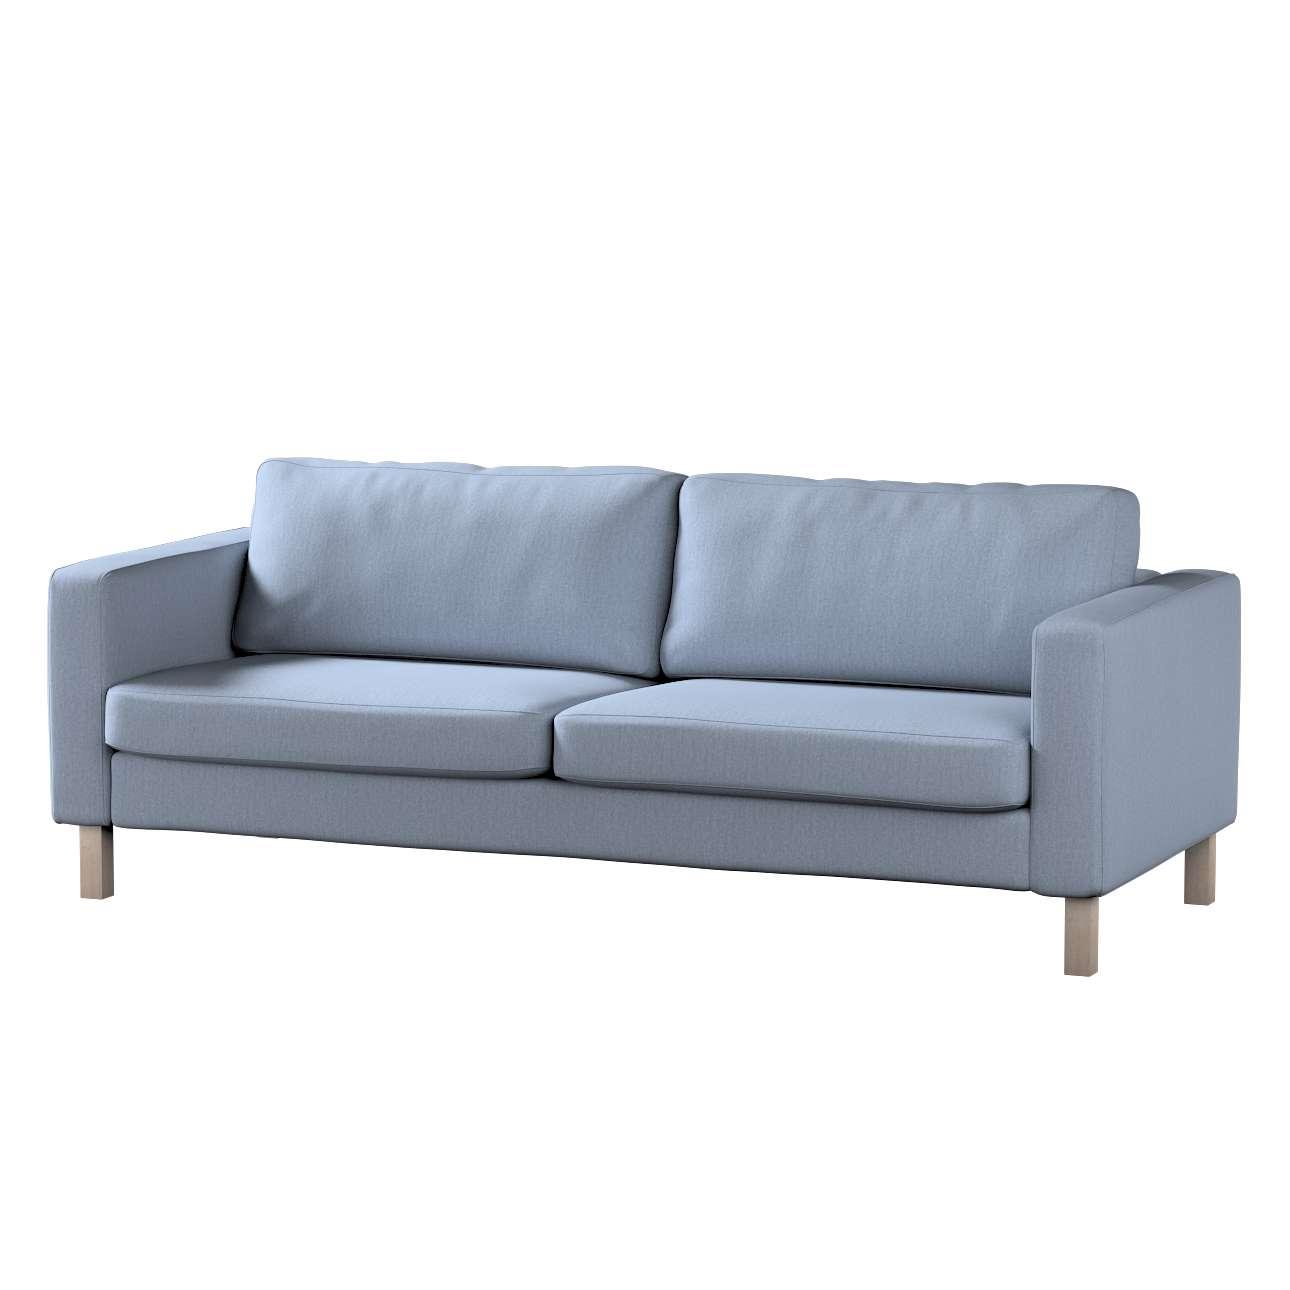 KARSLTAD trvivietės sofos užvalkalas Karlstad 3-vietės sofos užvalkalas (neišlankstomai sofai) kolekcijoje Chenille, audinys: 702-13